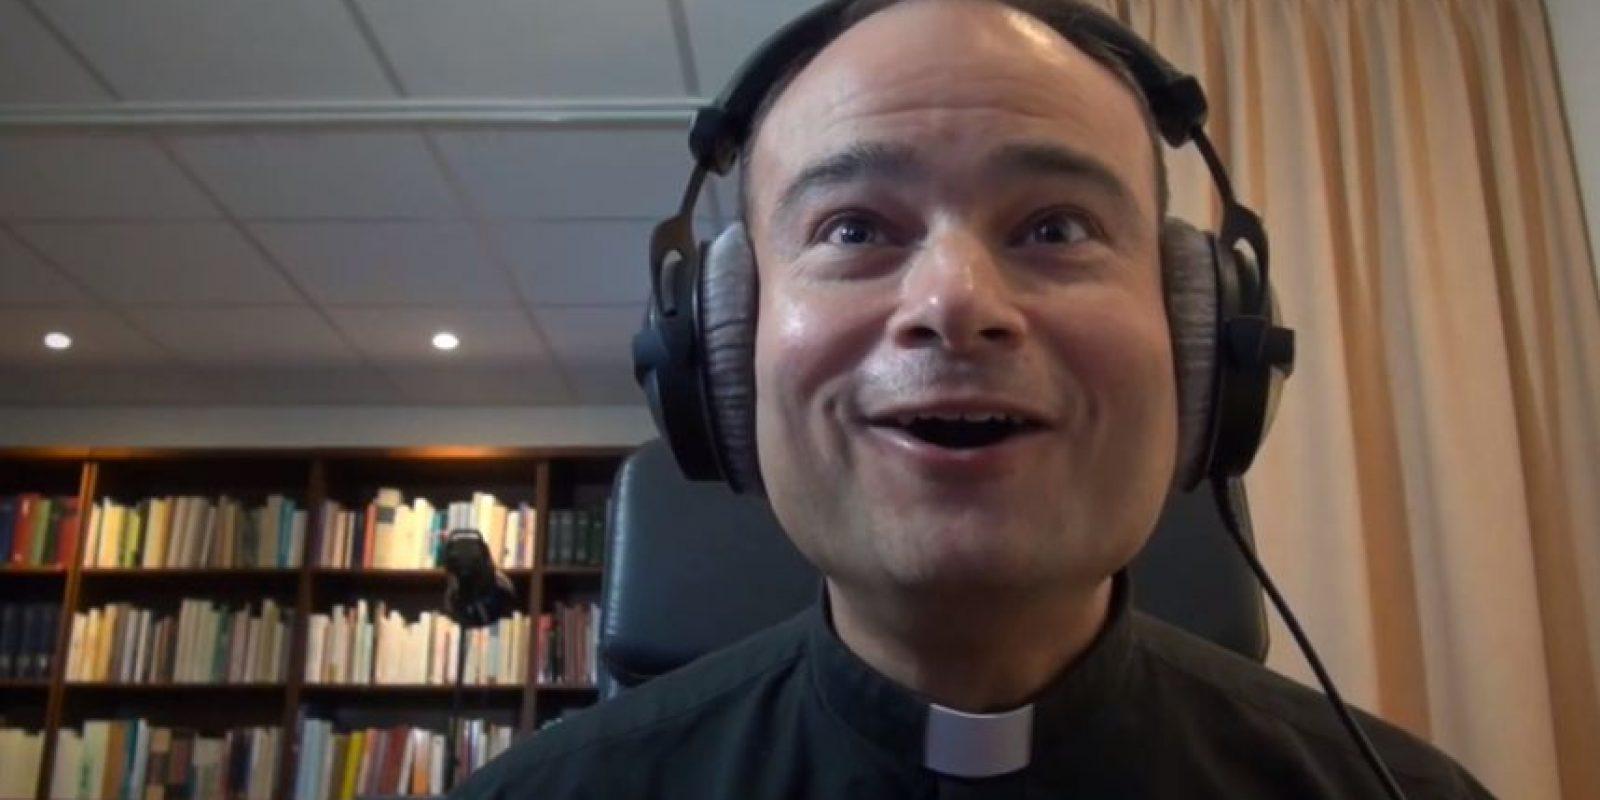 El sacerdote Roderick Vonhögen se hizo viral. Foto:Roderick Vonhögen / YouTube